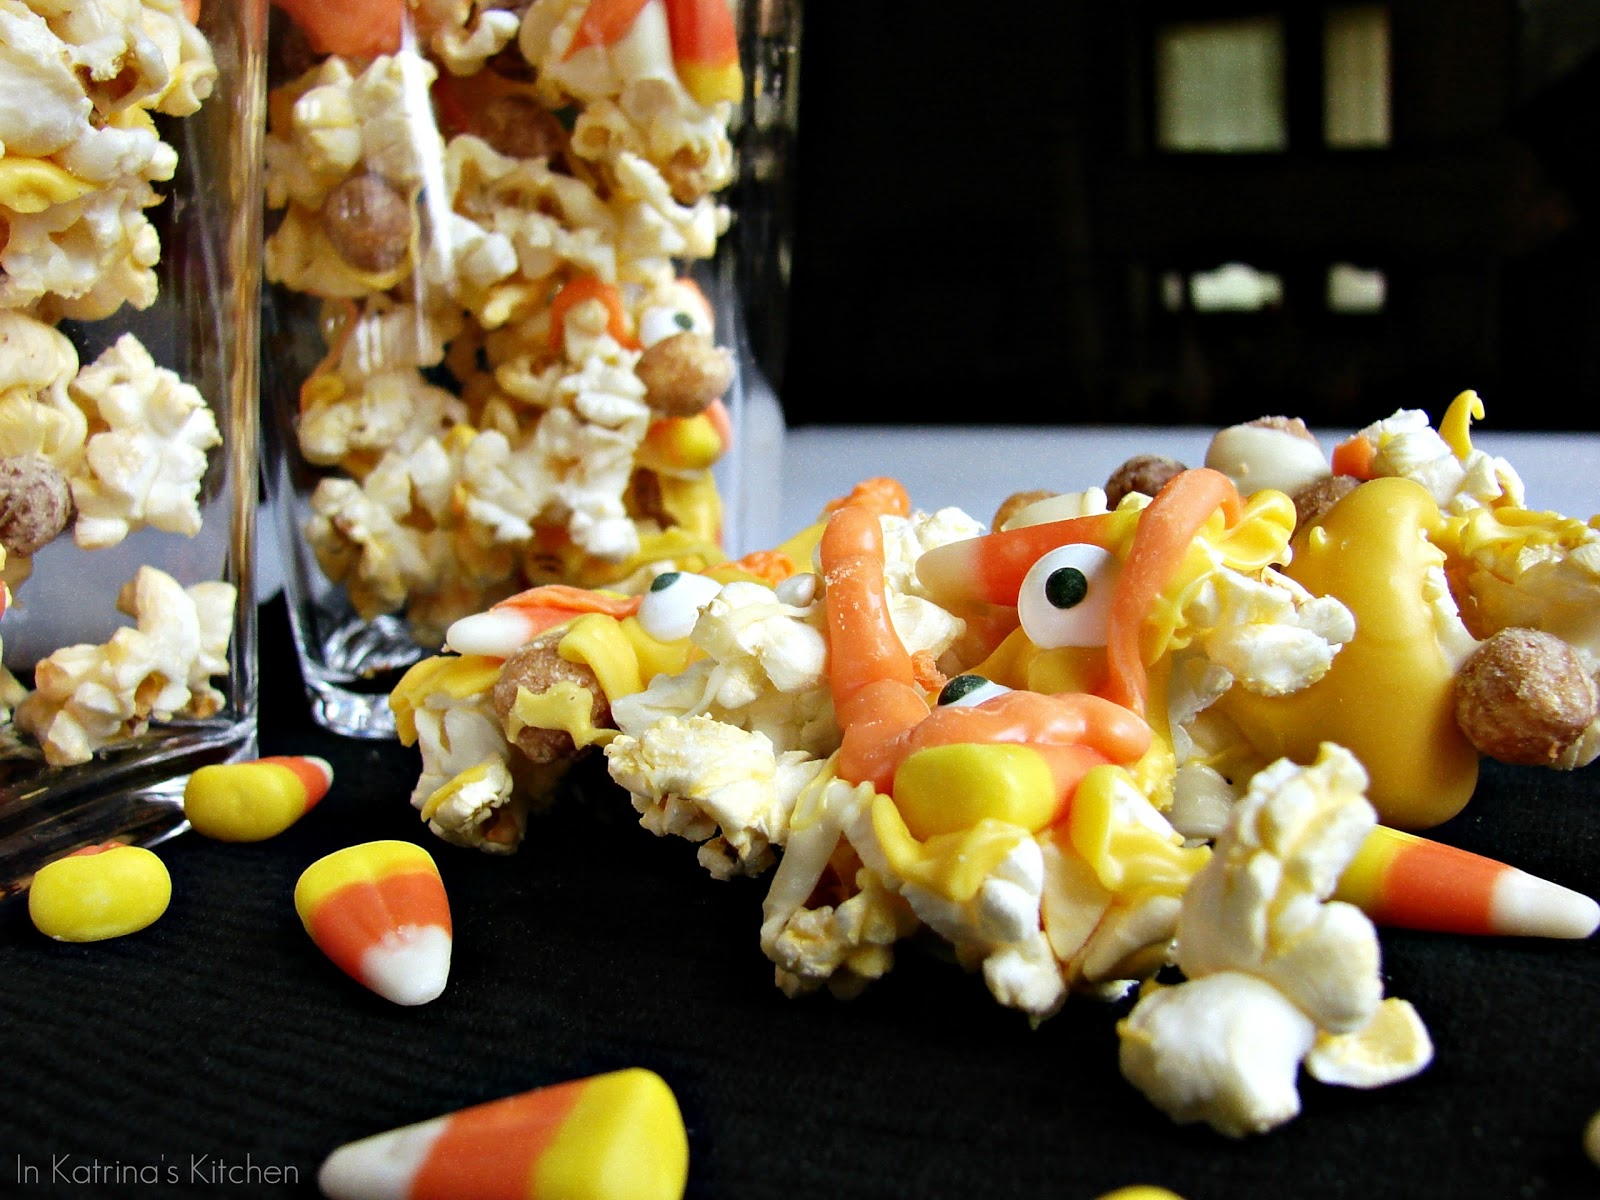 http://3.bp.blogspot.com/-zfpV30hXR2U/TneTrL_zgZI/AAAAAAAAAa8/J202xvJtLqI/s1600/Monster+Mash+Popcorn+Mix1wm.jpg